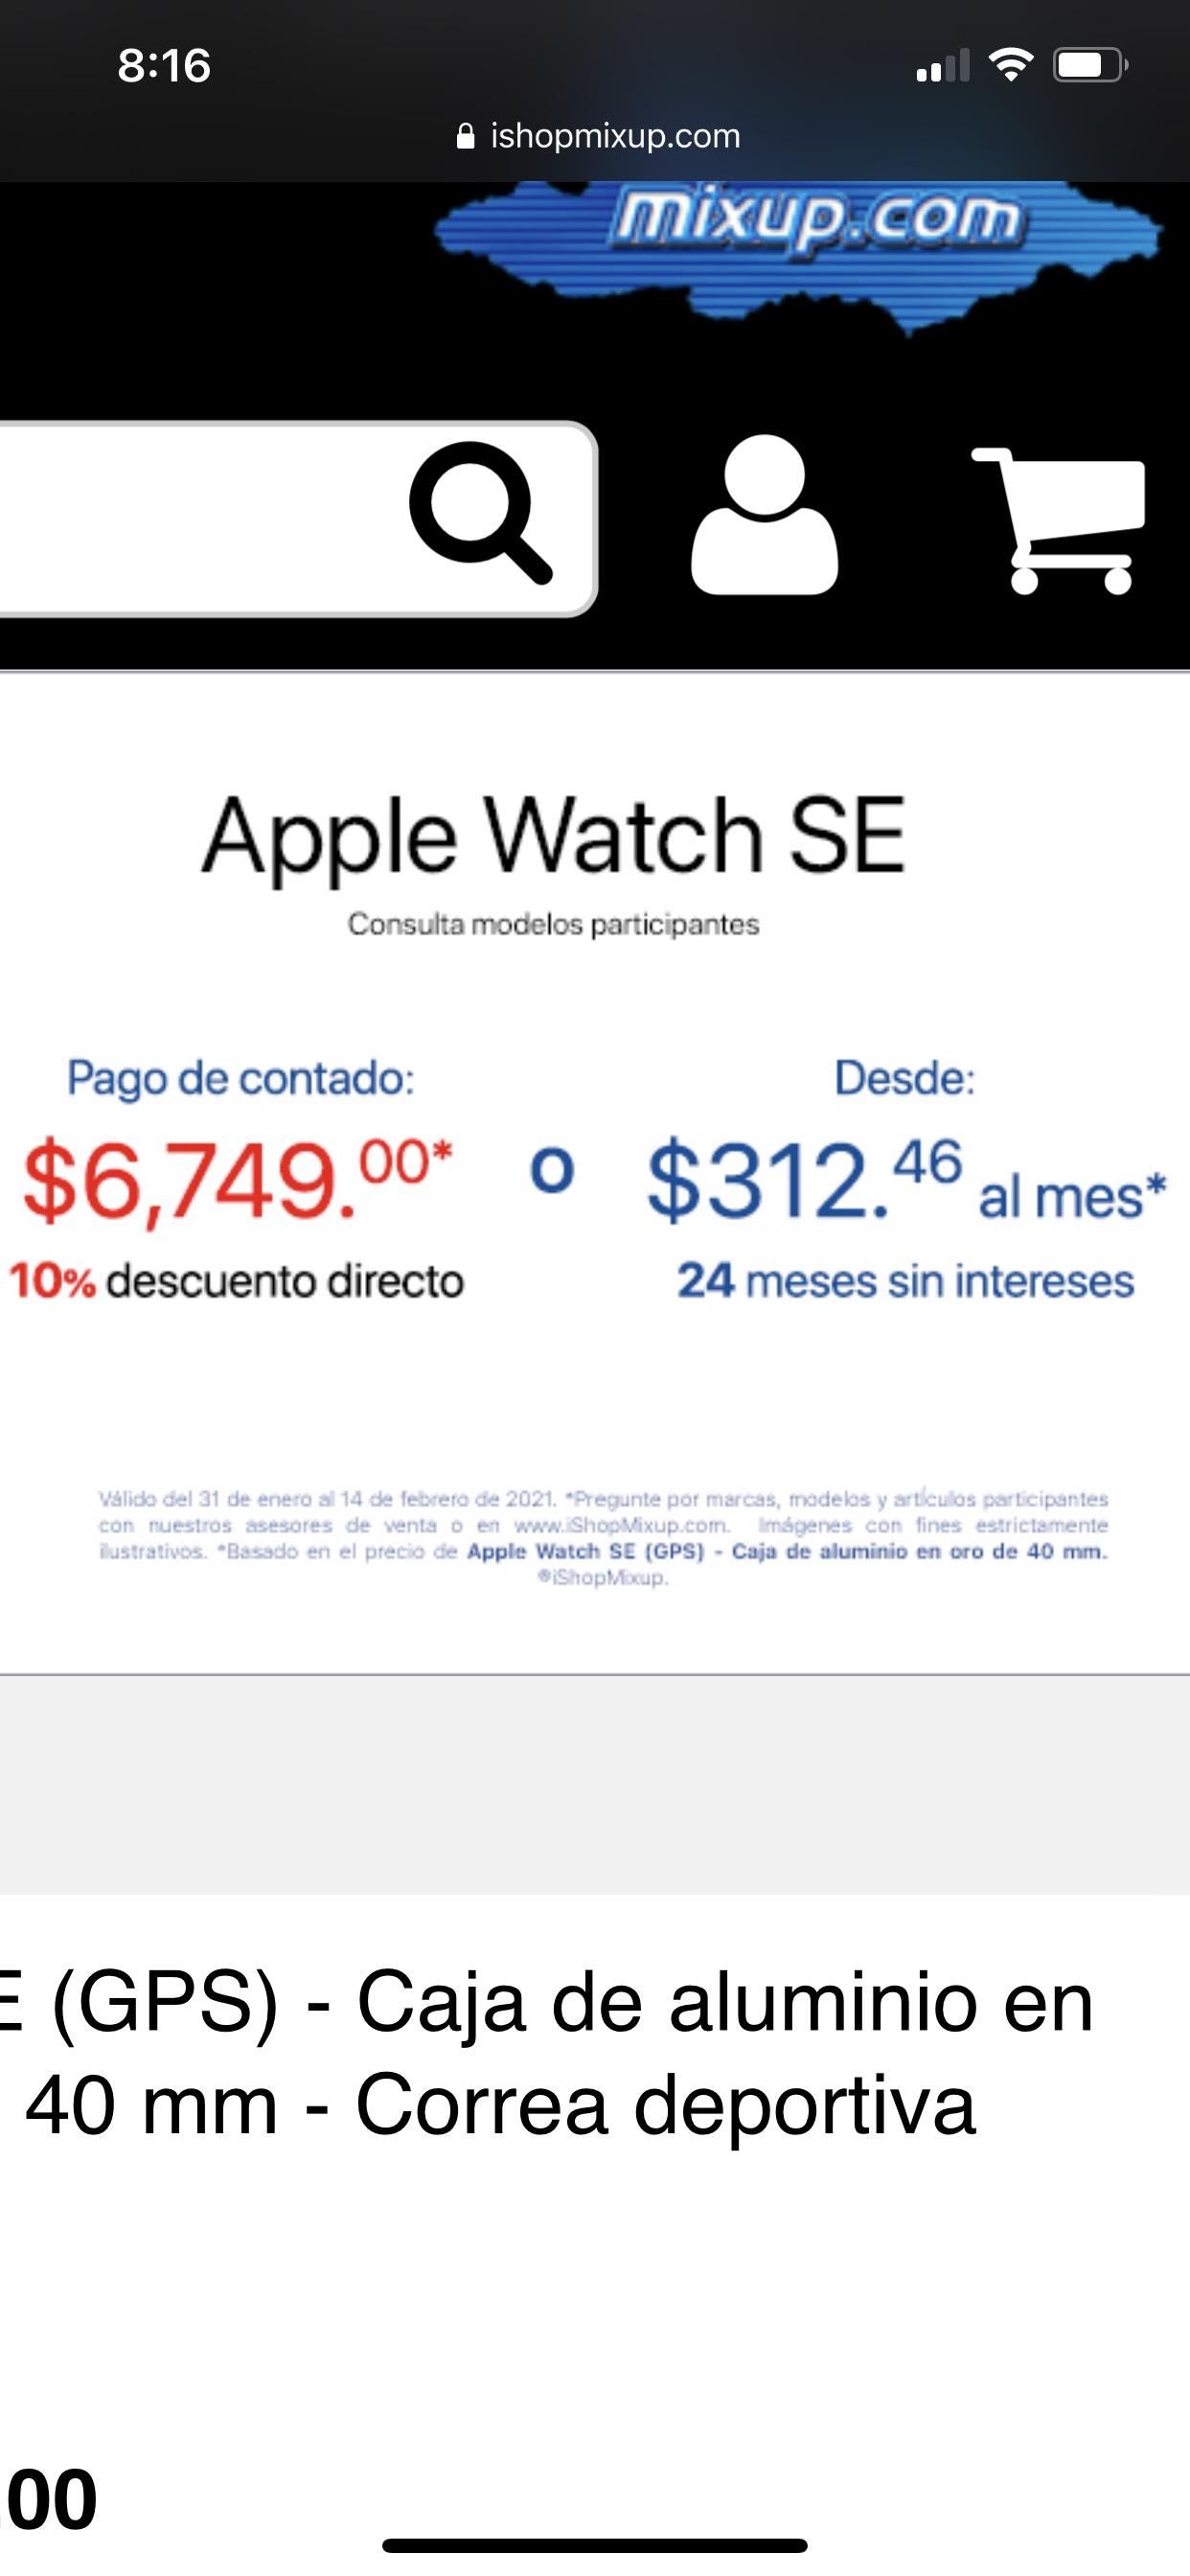 iShop Mixup: Apple Watch SE con 10% de descuento